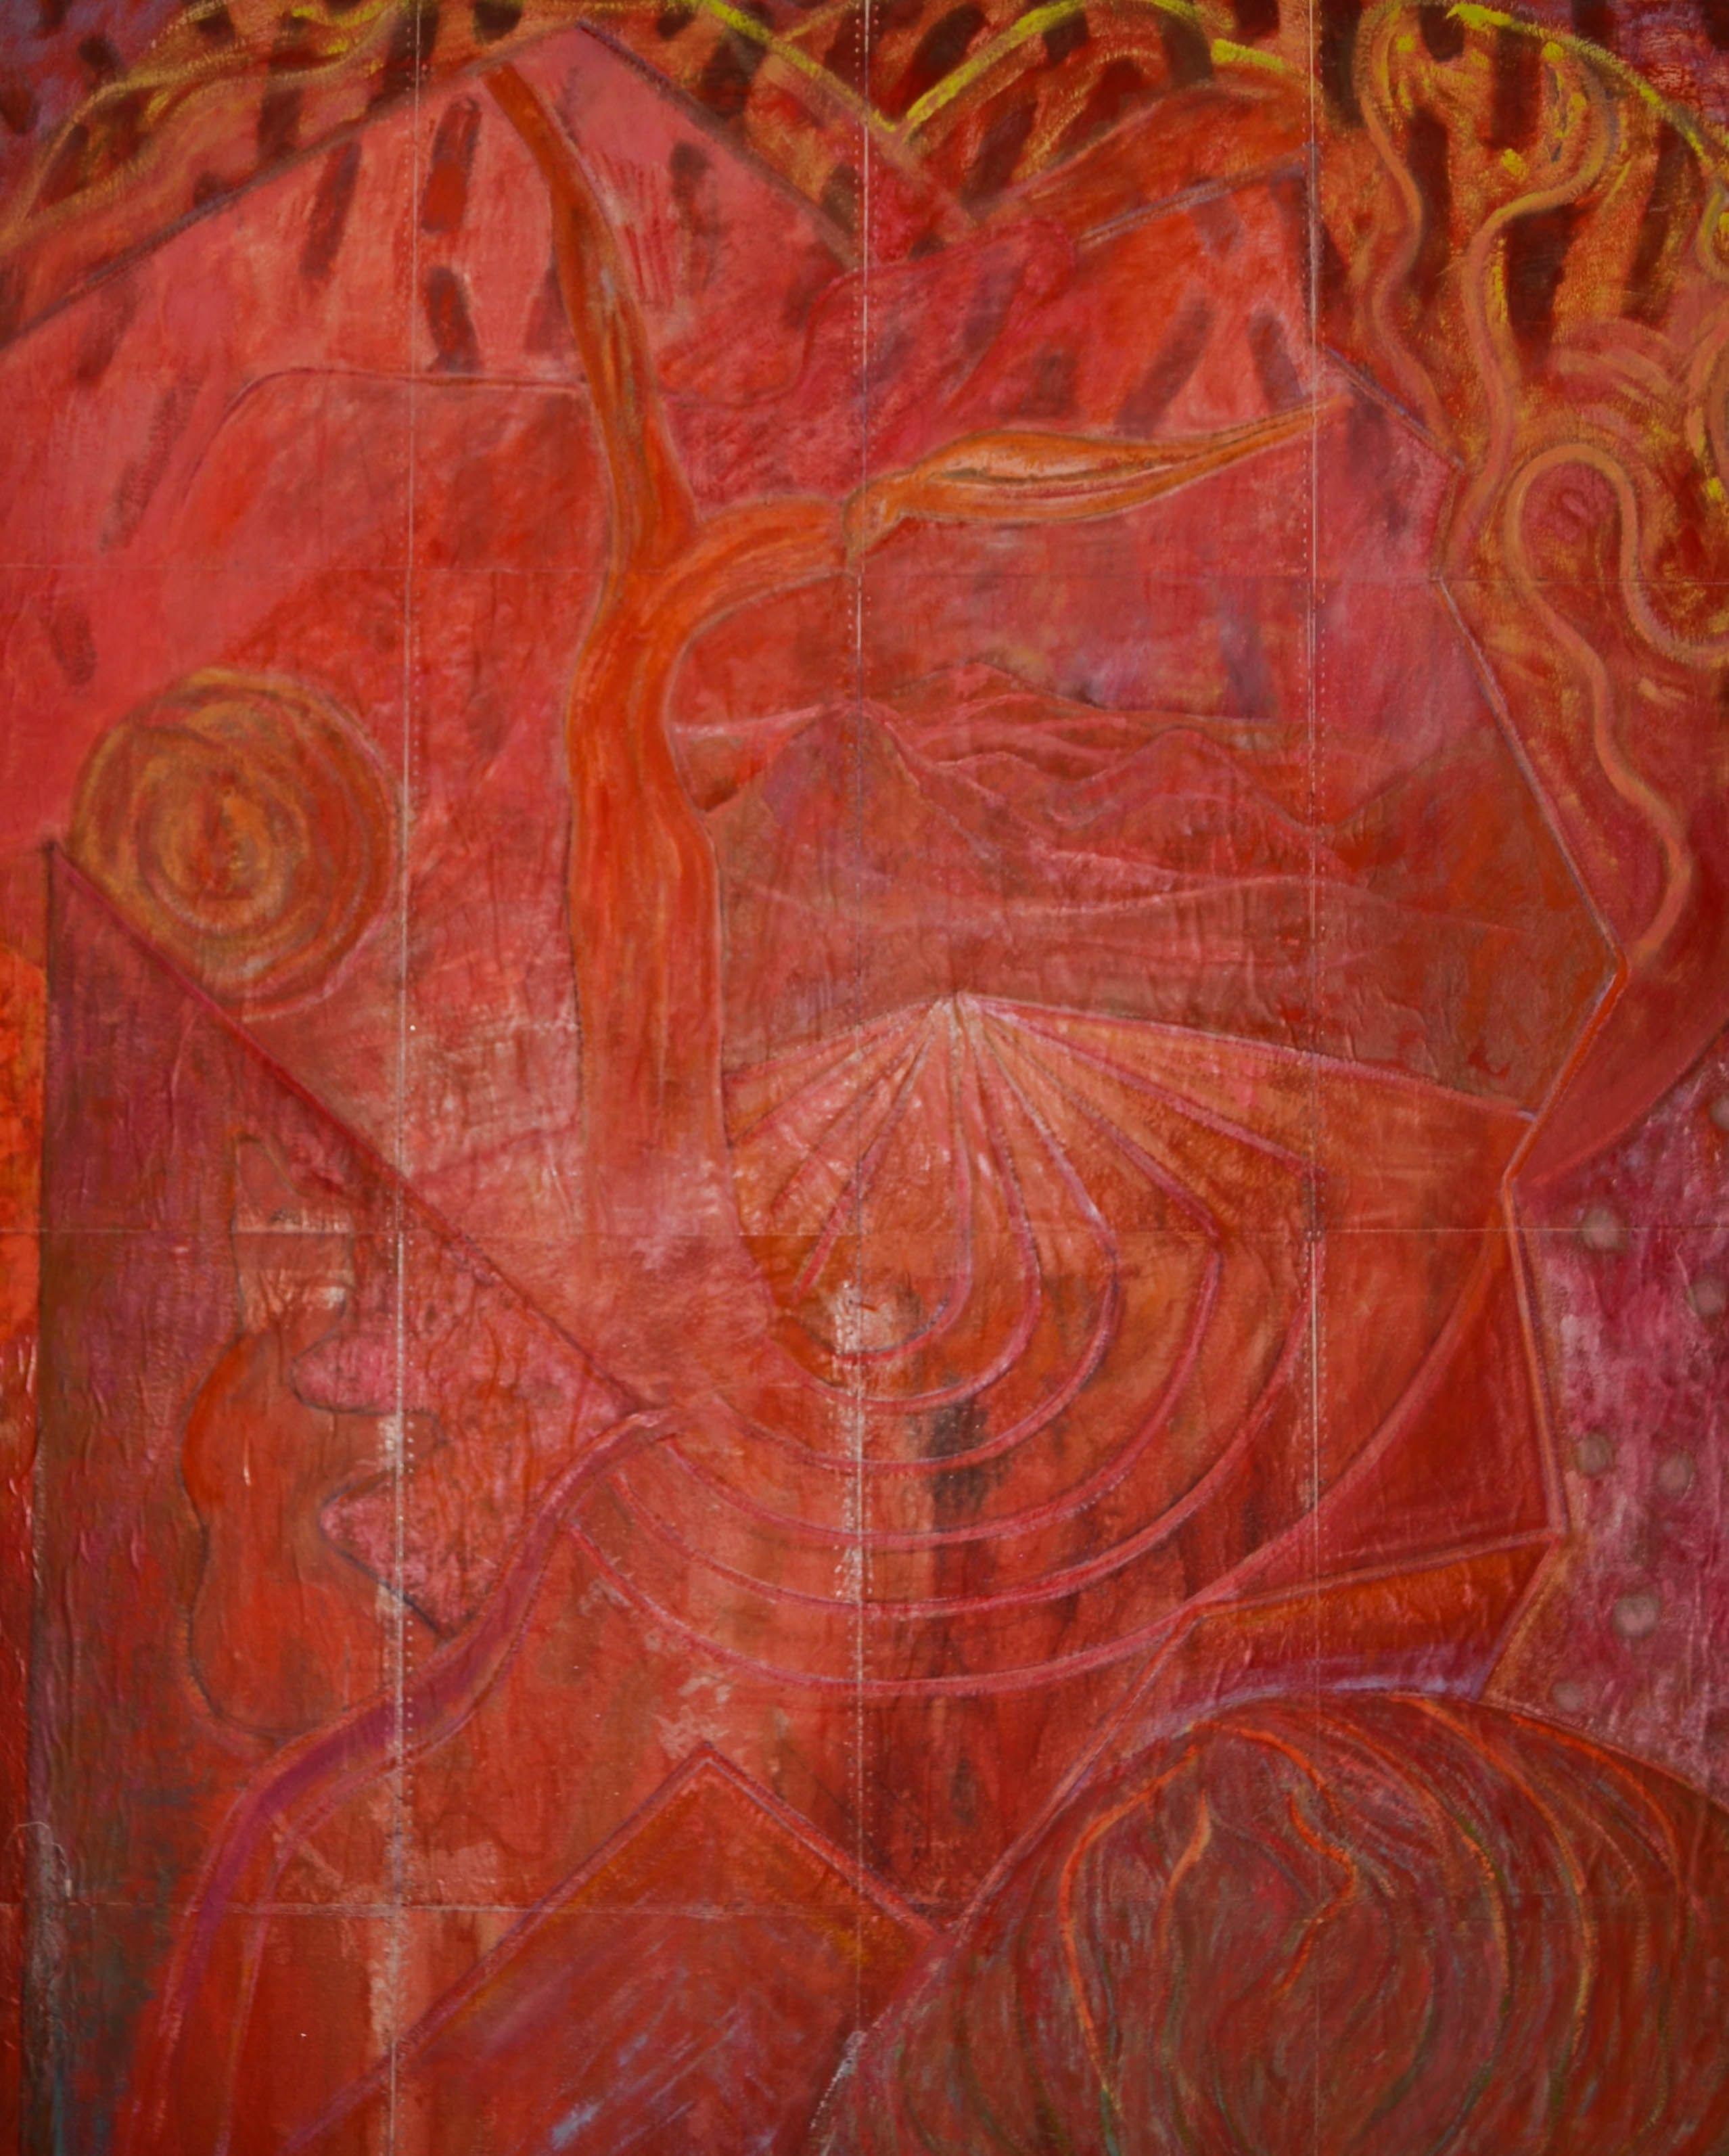 Cuadro de Rafael Enterria rafaelenterriartista@gmail.com #rafaelenterria #colores #colors #farben #enterrias #arte #cuadros #pintor #artista #gallery #red #rojo